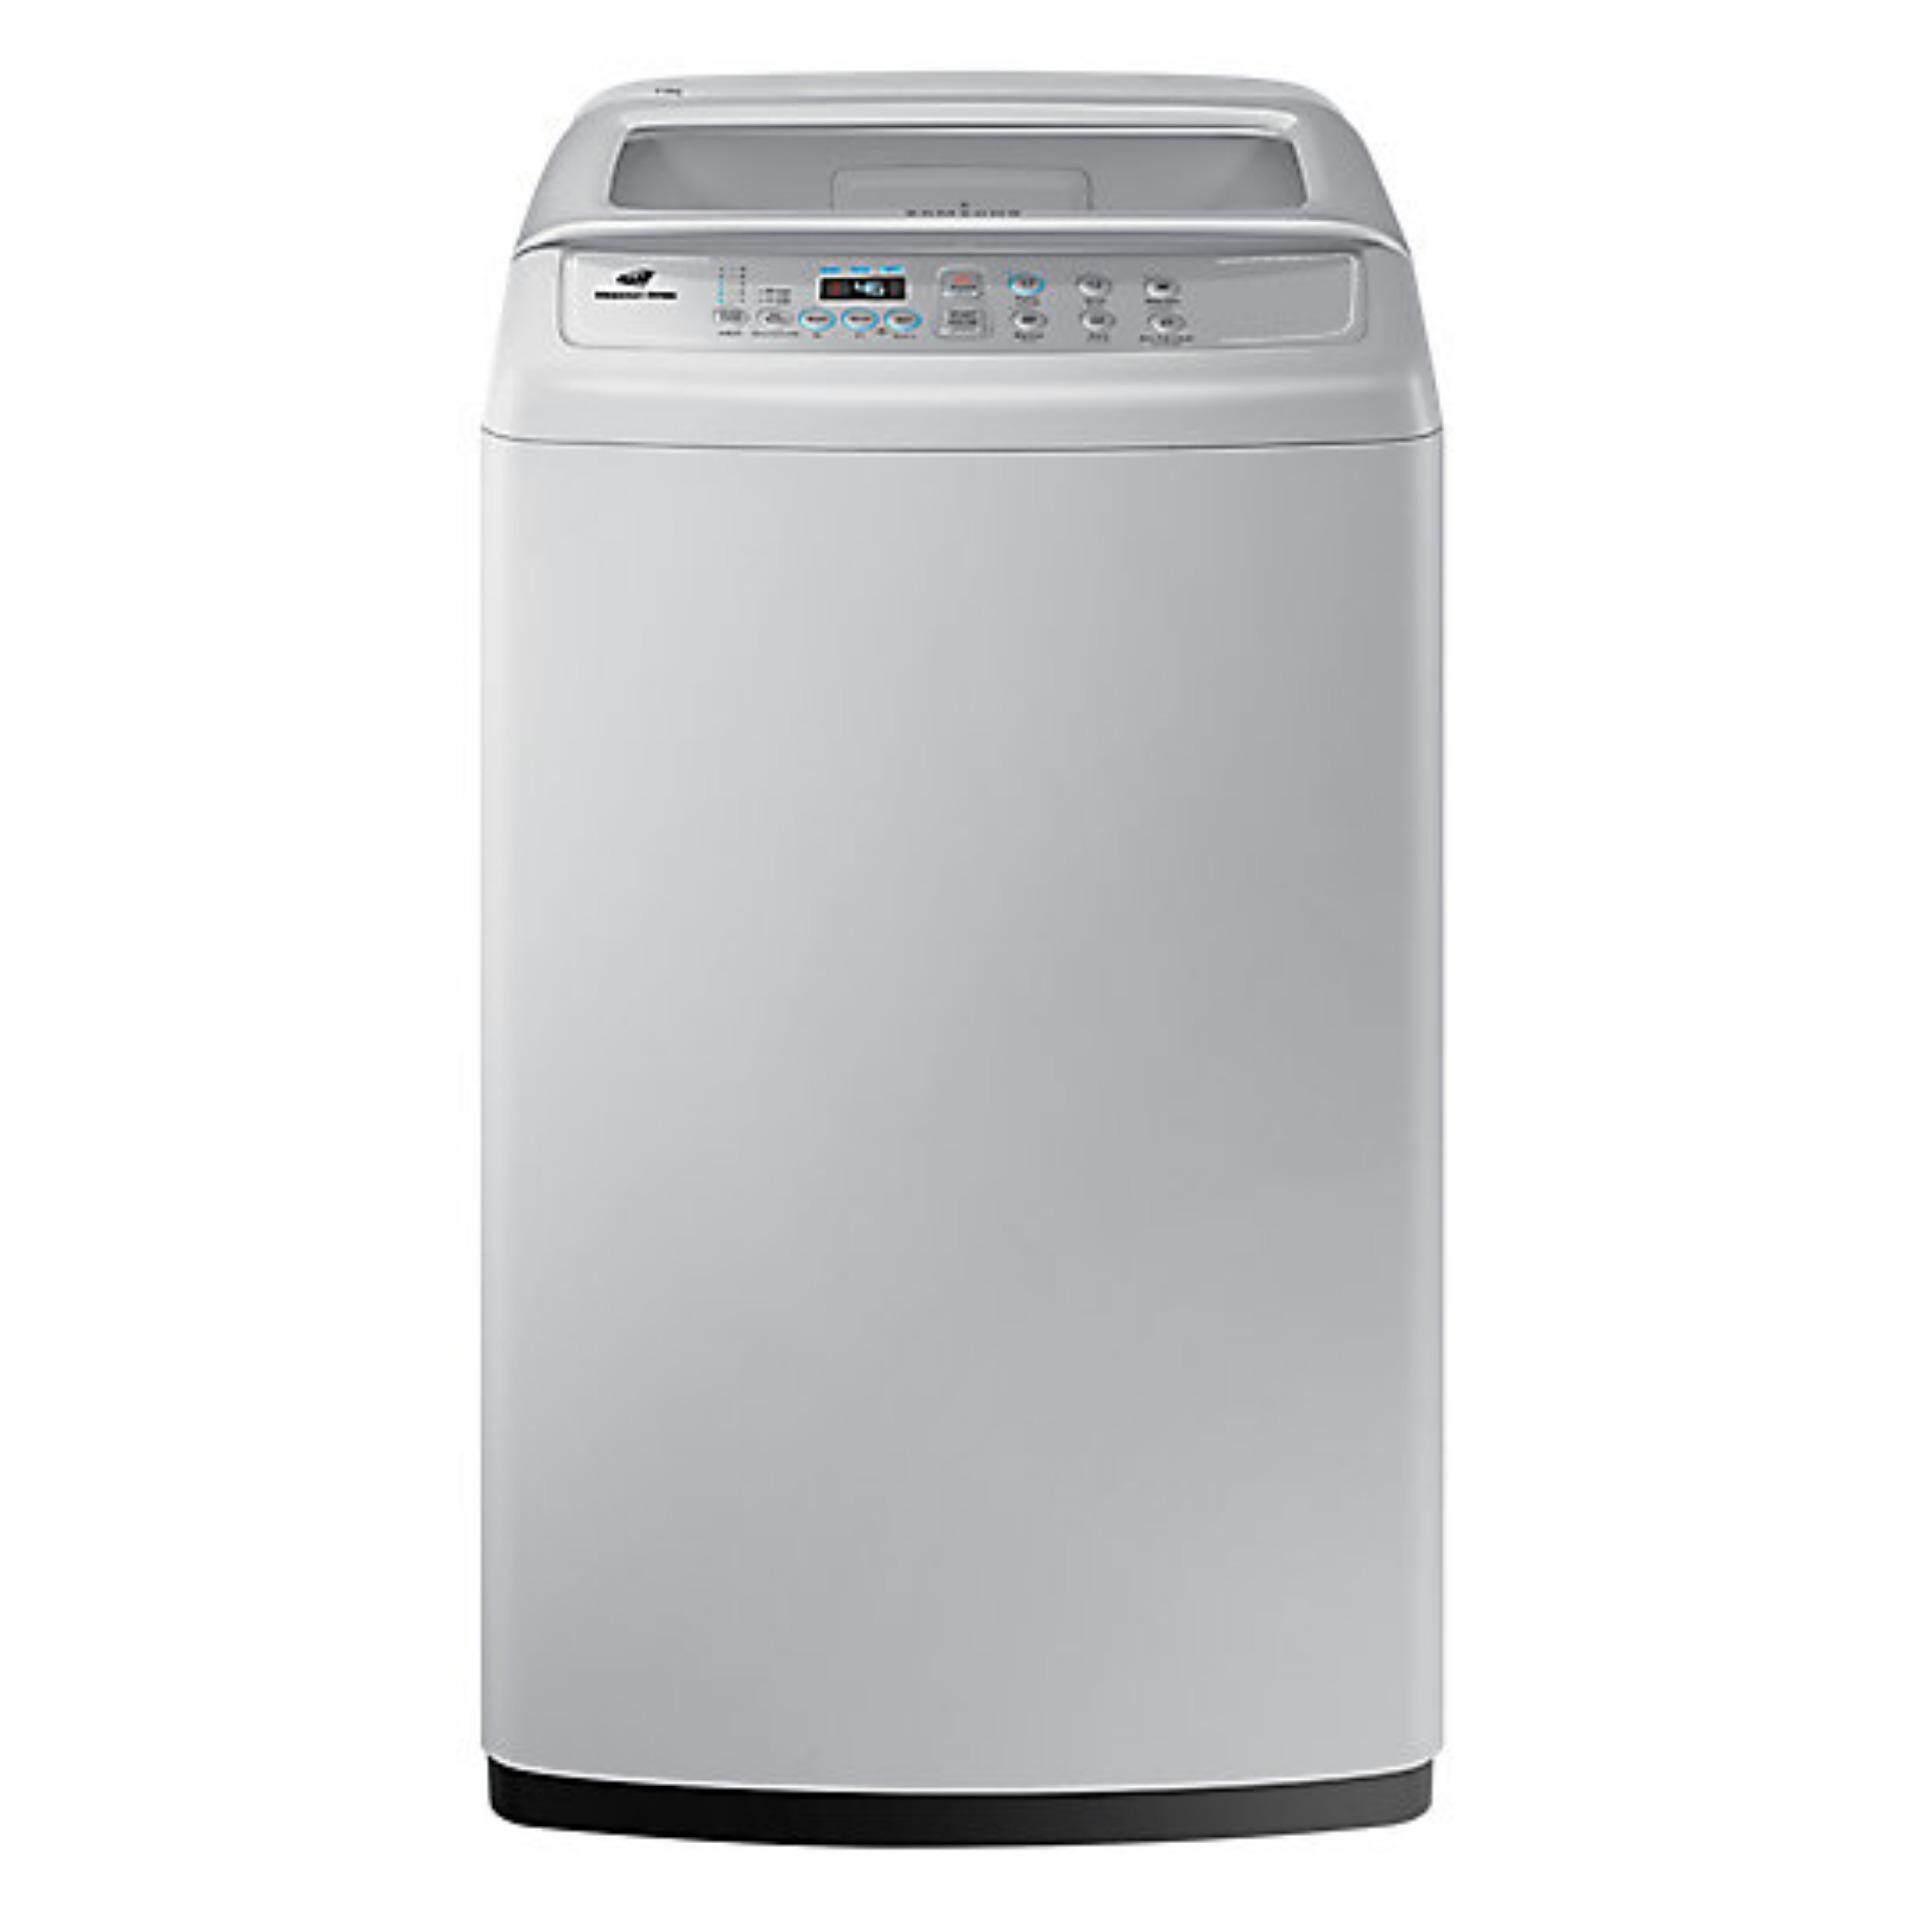 ดีที่สุด เครื่องซักผ้า Sharp ลด -55% SHARP เครื่องซักผ้ามือถือ Ultrasonic Washer รุ่น UW-A1T-S (Silver) มีประกินสินค้า